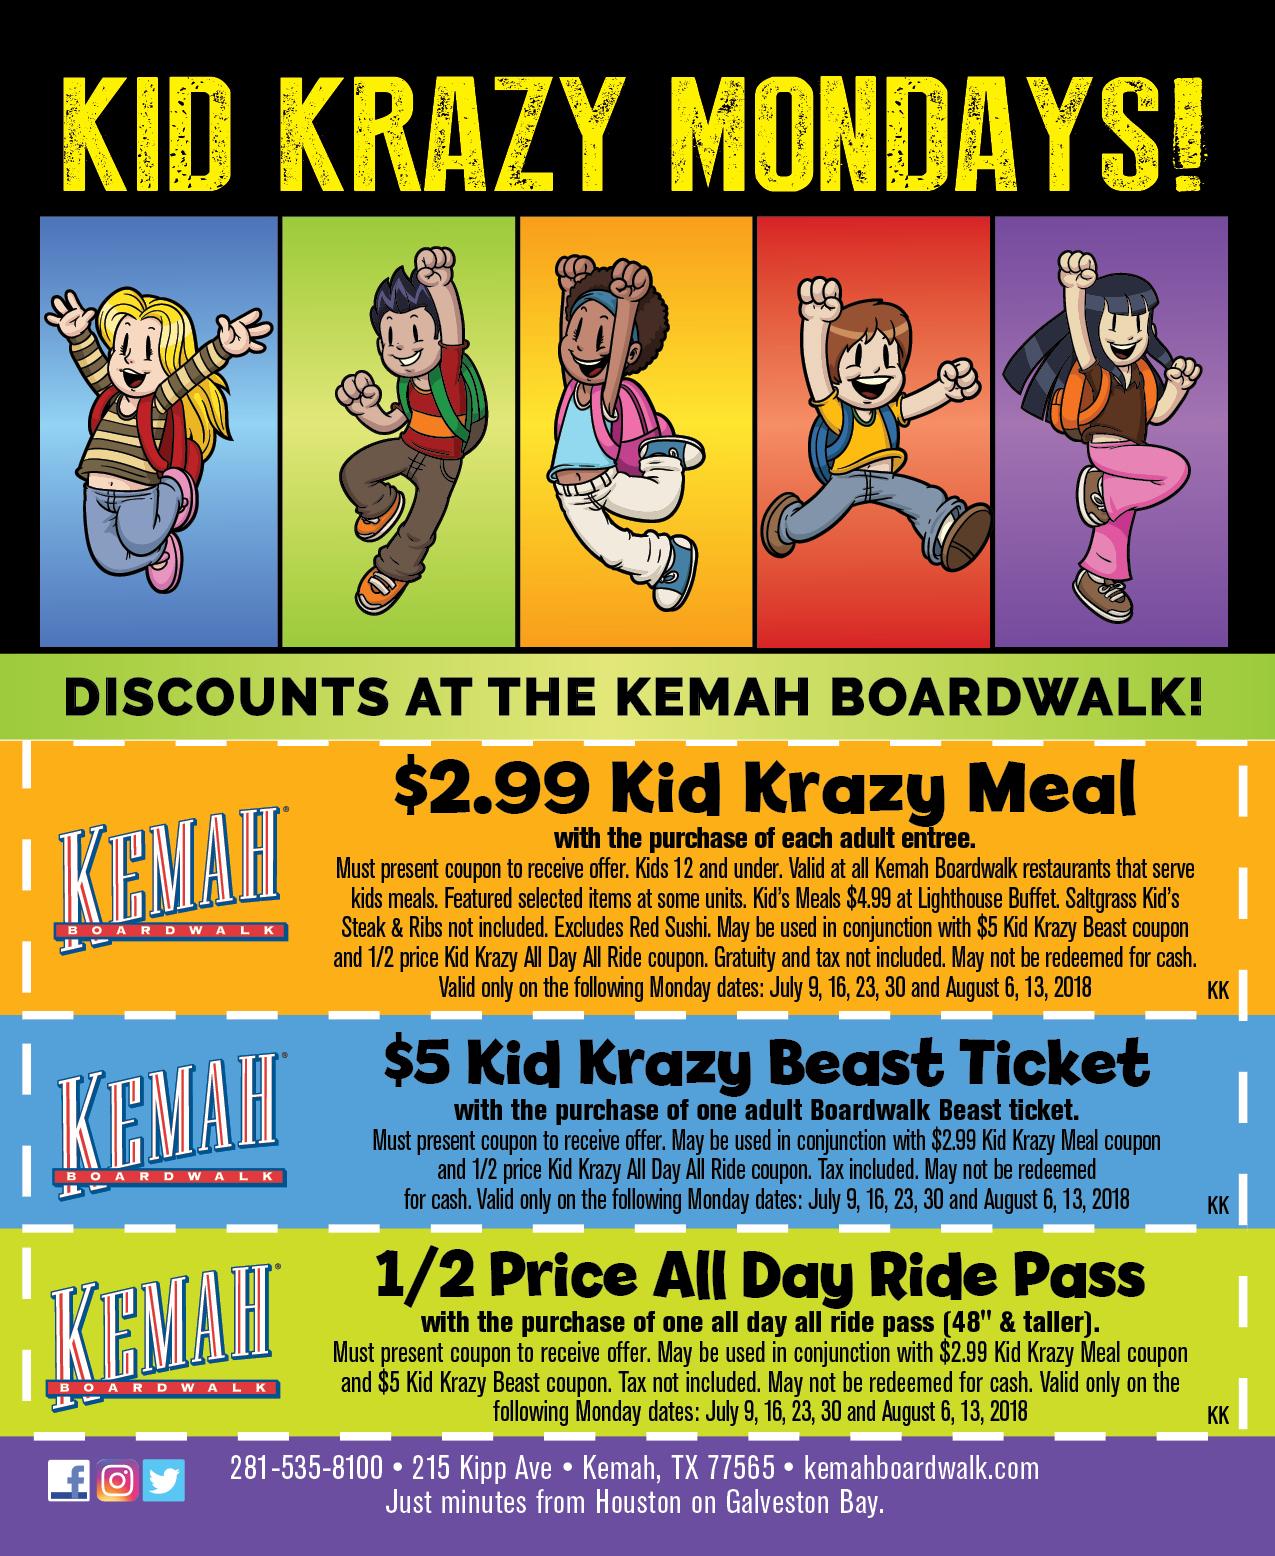 Kid Krazy Mondays Kemah Boardwalk Coupons